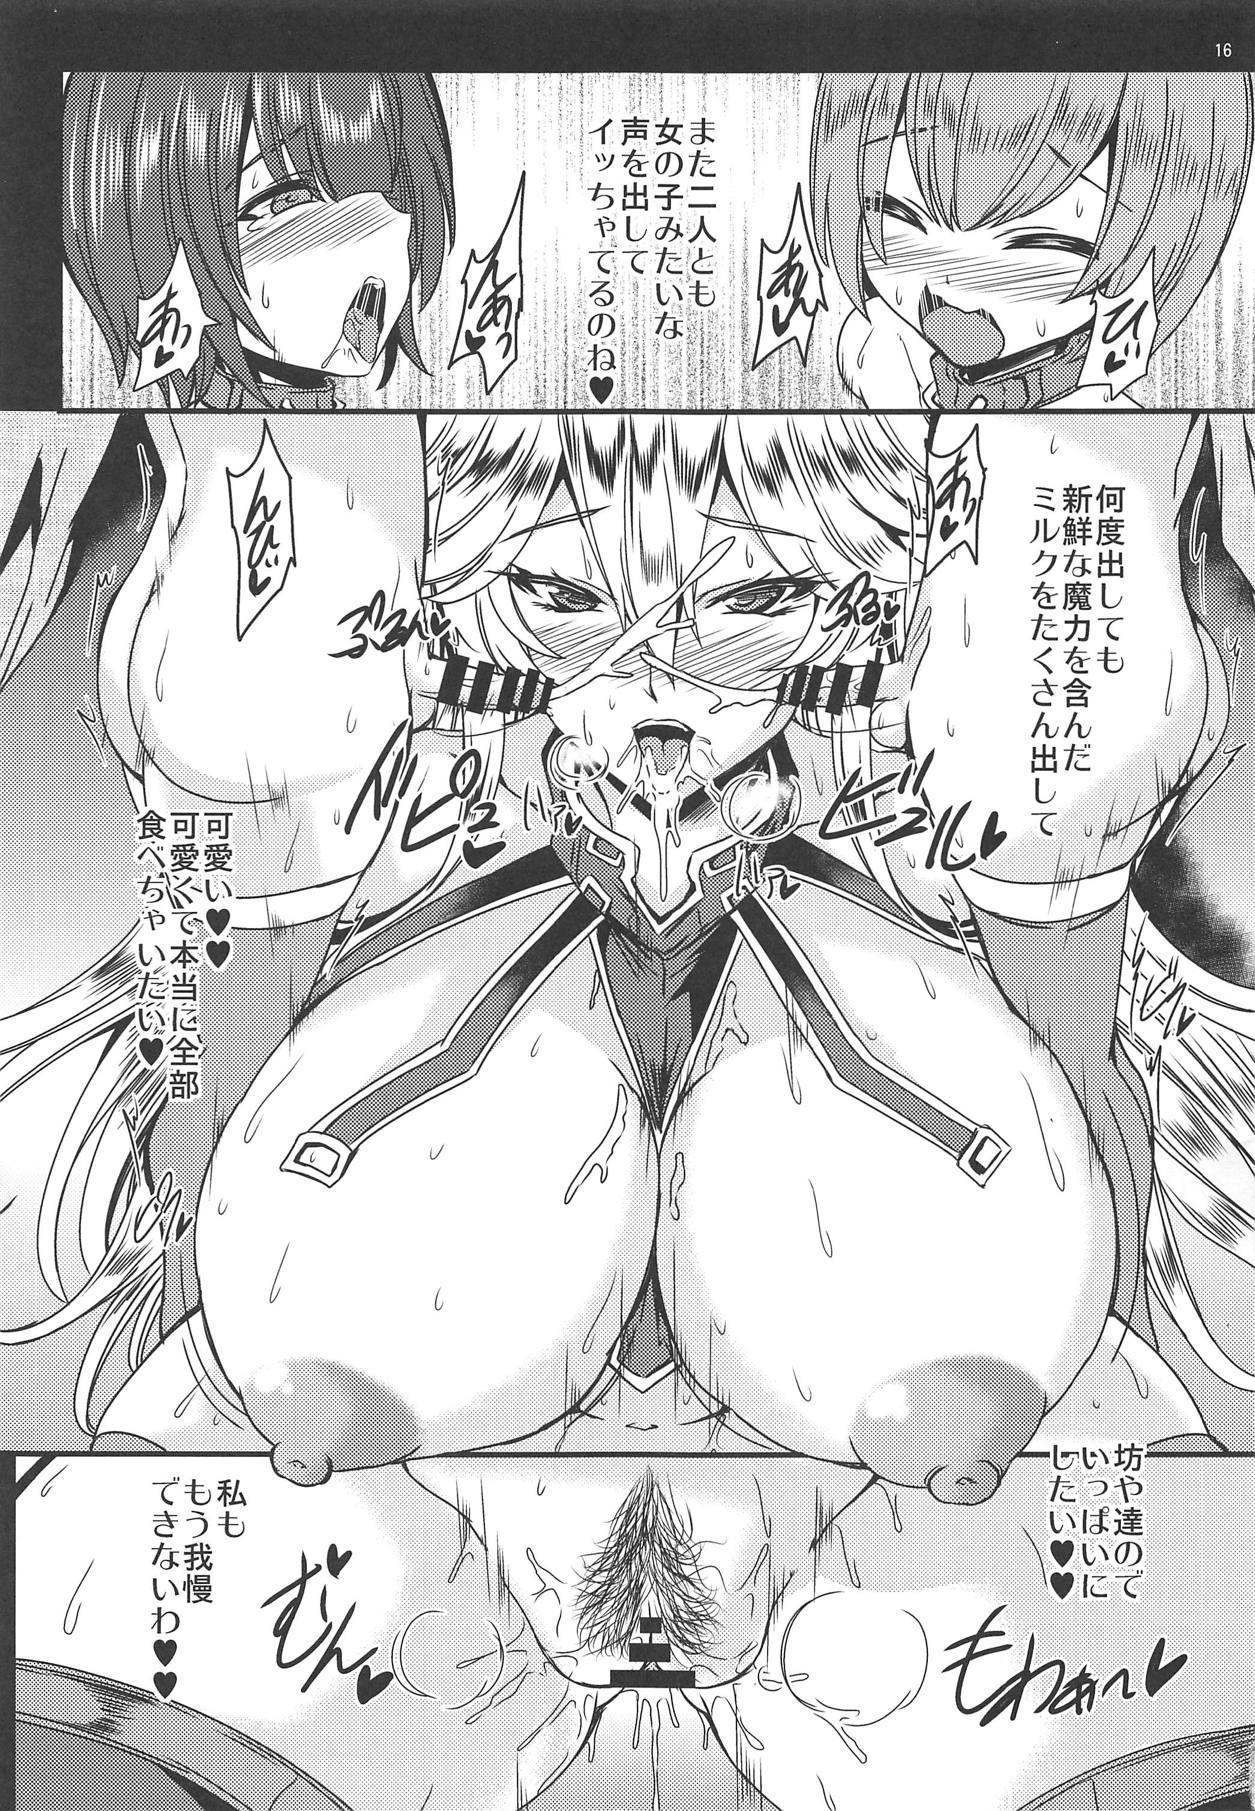 Magisa no Shiru Atsume 13